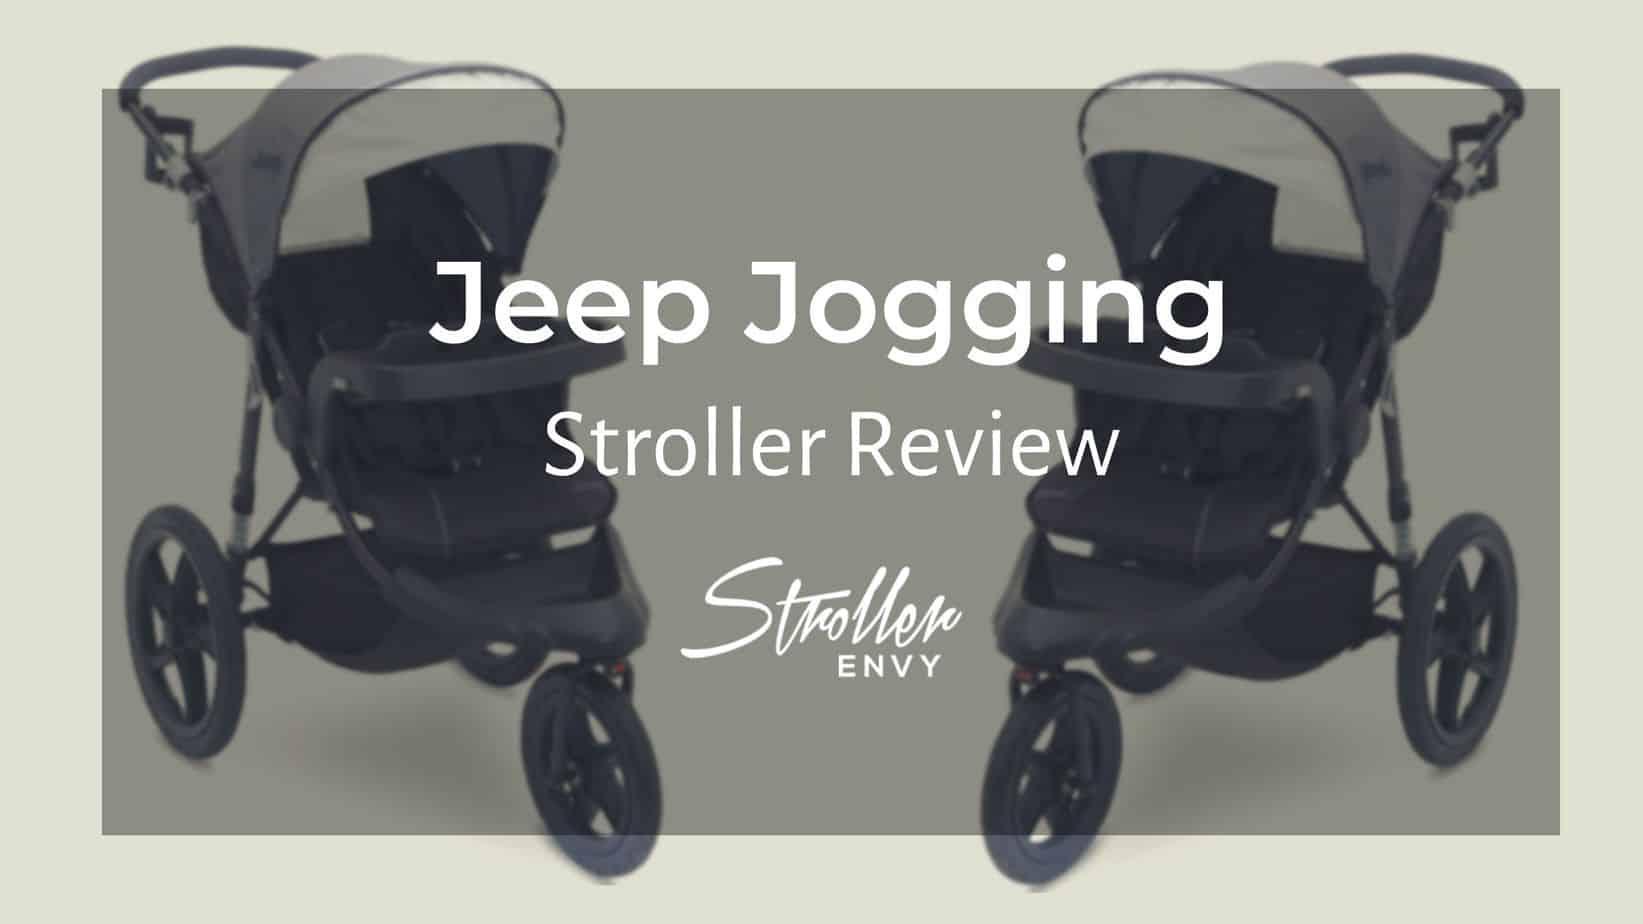 Jeep Jogging Stroller